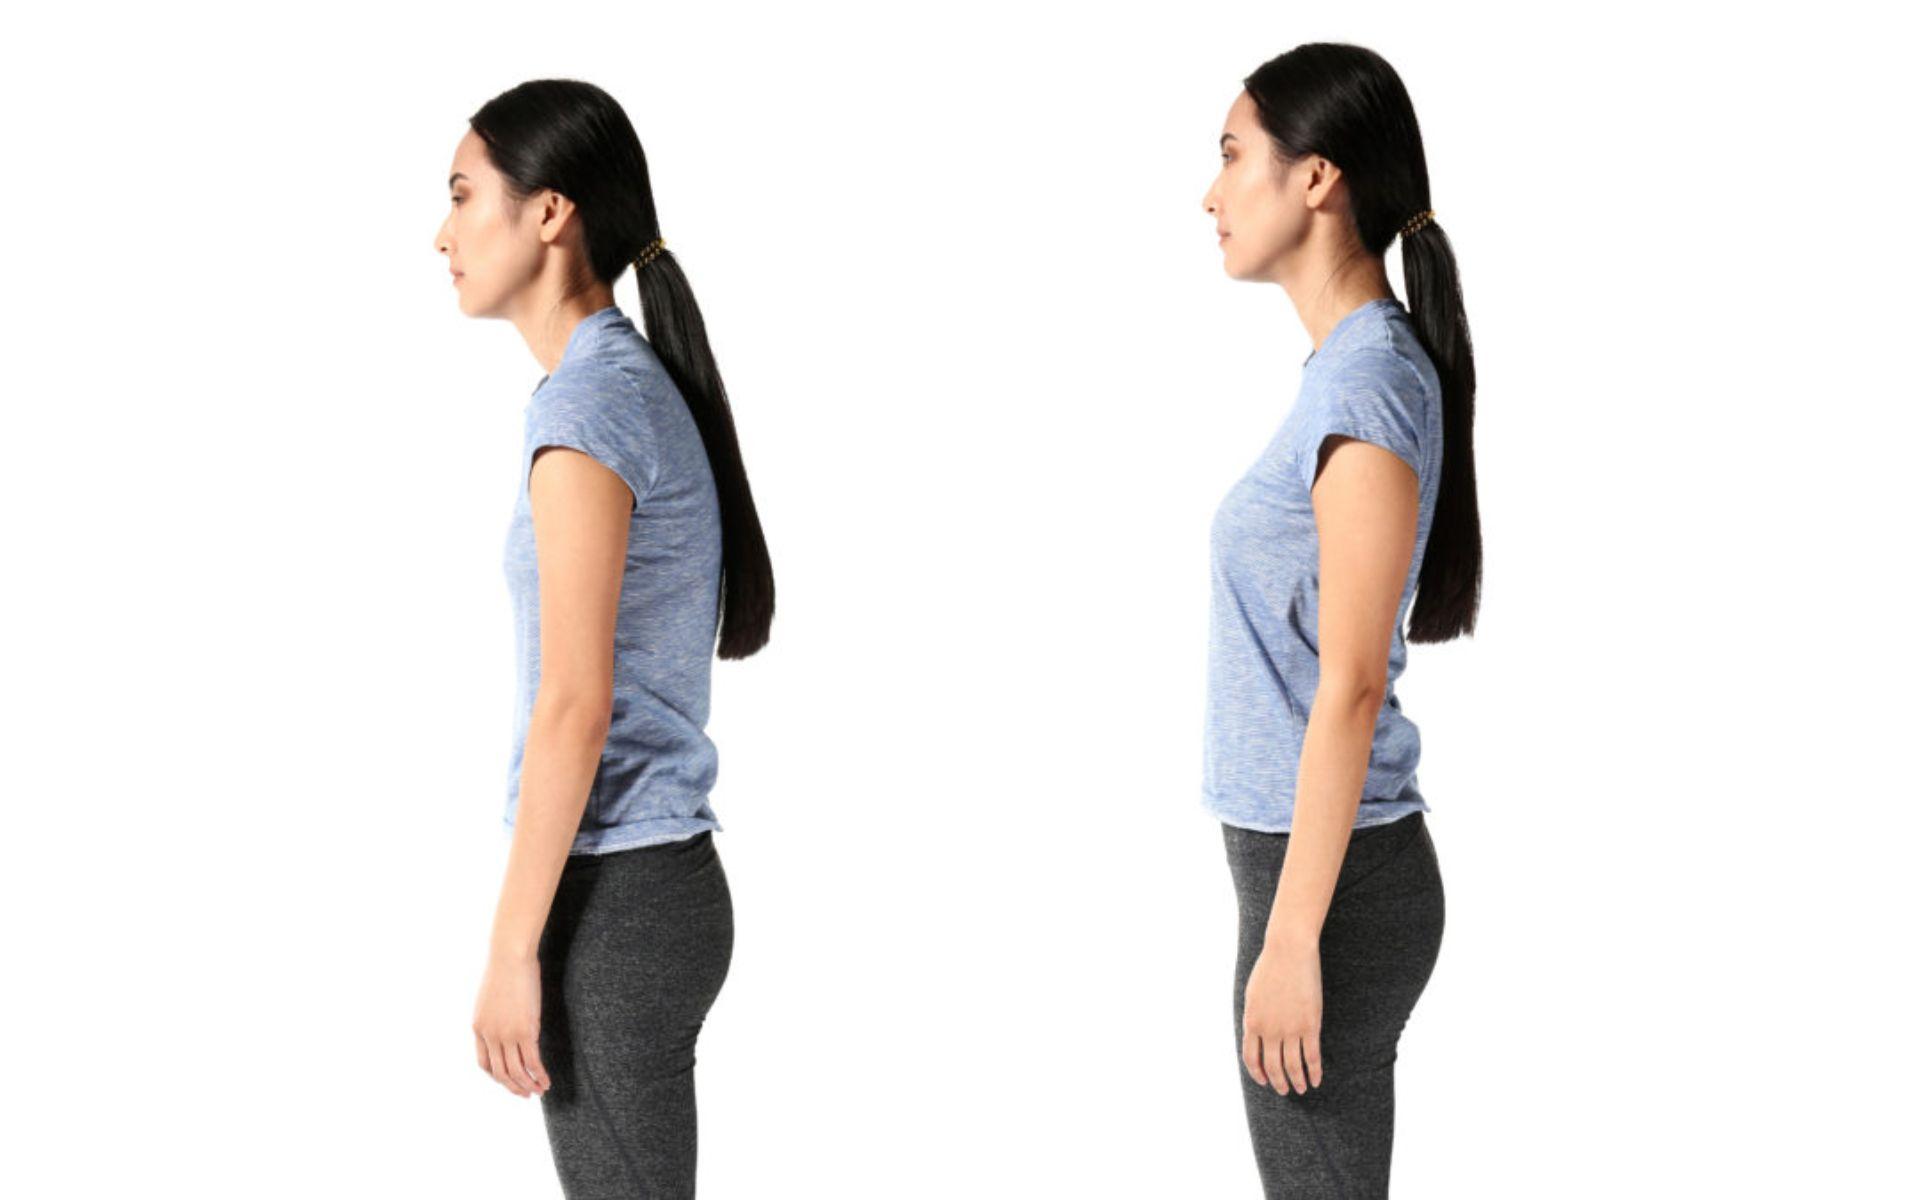 donna con postura scorretta